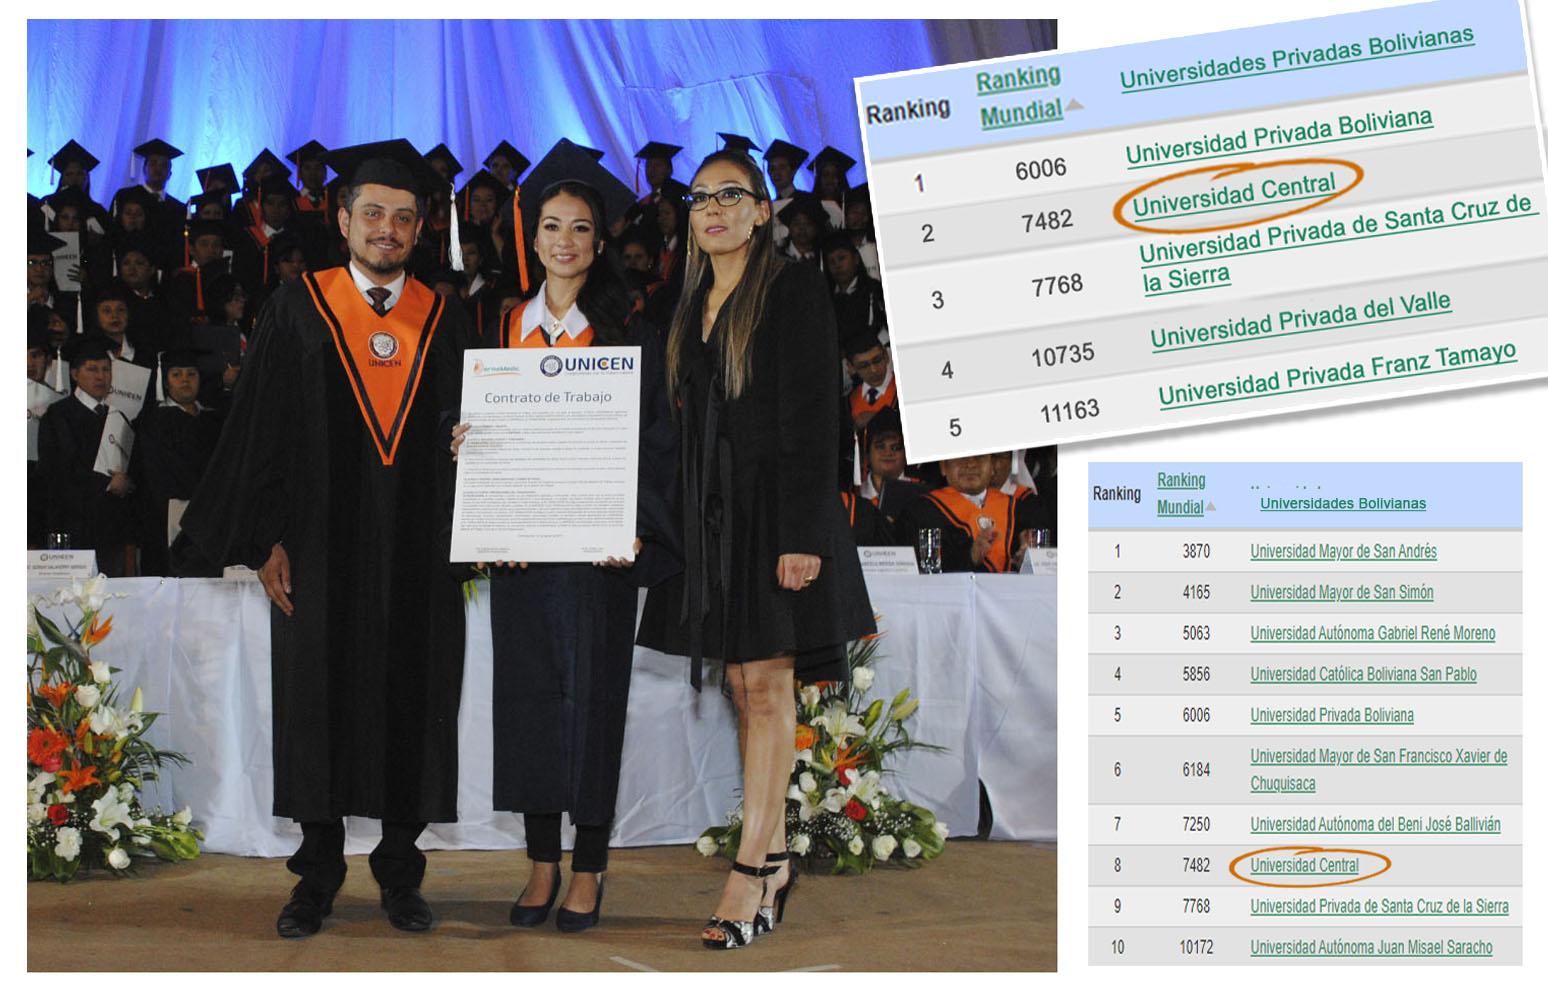 UNICEN continúa avanzando y obtiene el segundo lugar en el ranking de mejores universidades privadas de Bolivia